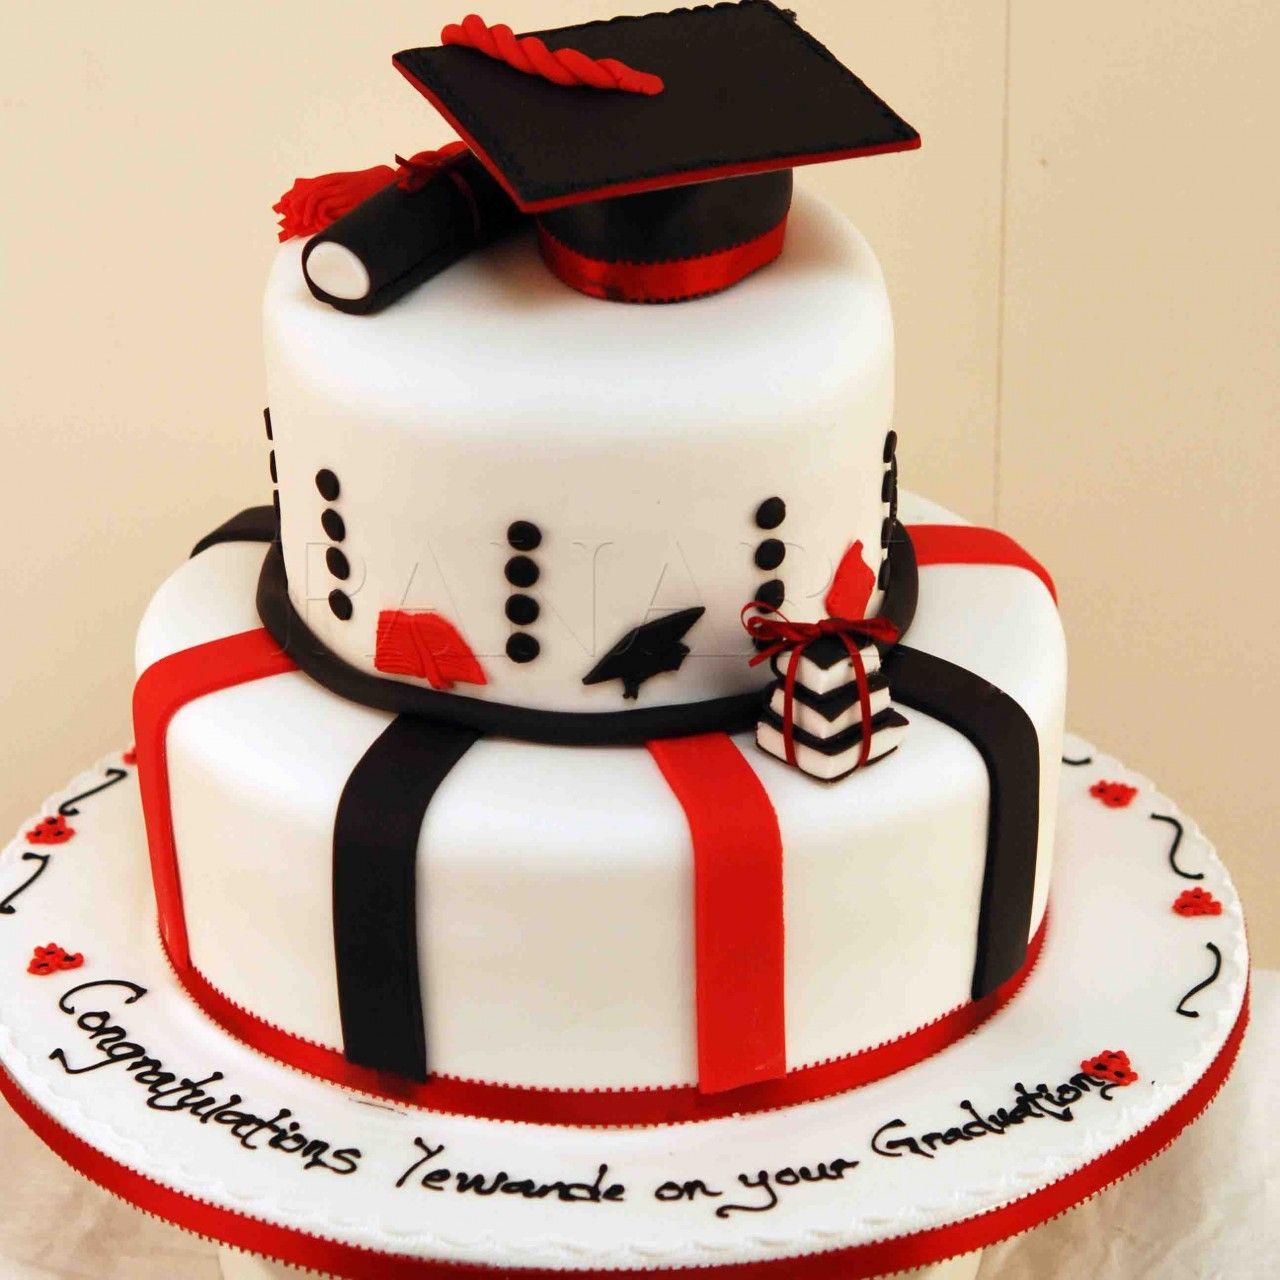 Graduation cake ideas top graduation cakes graduation